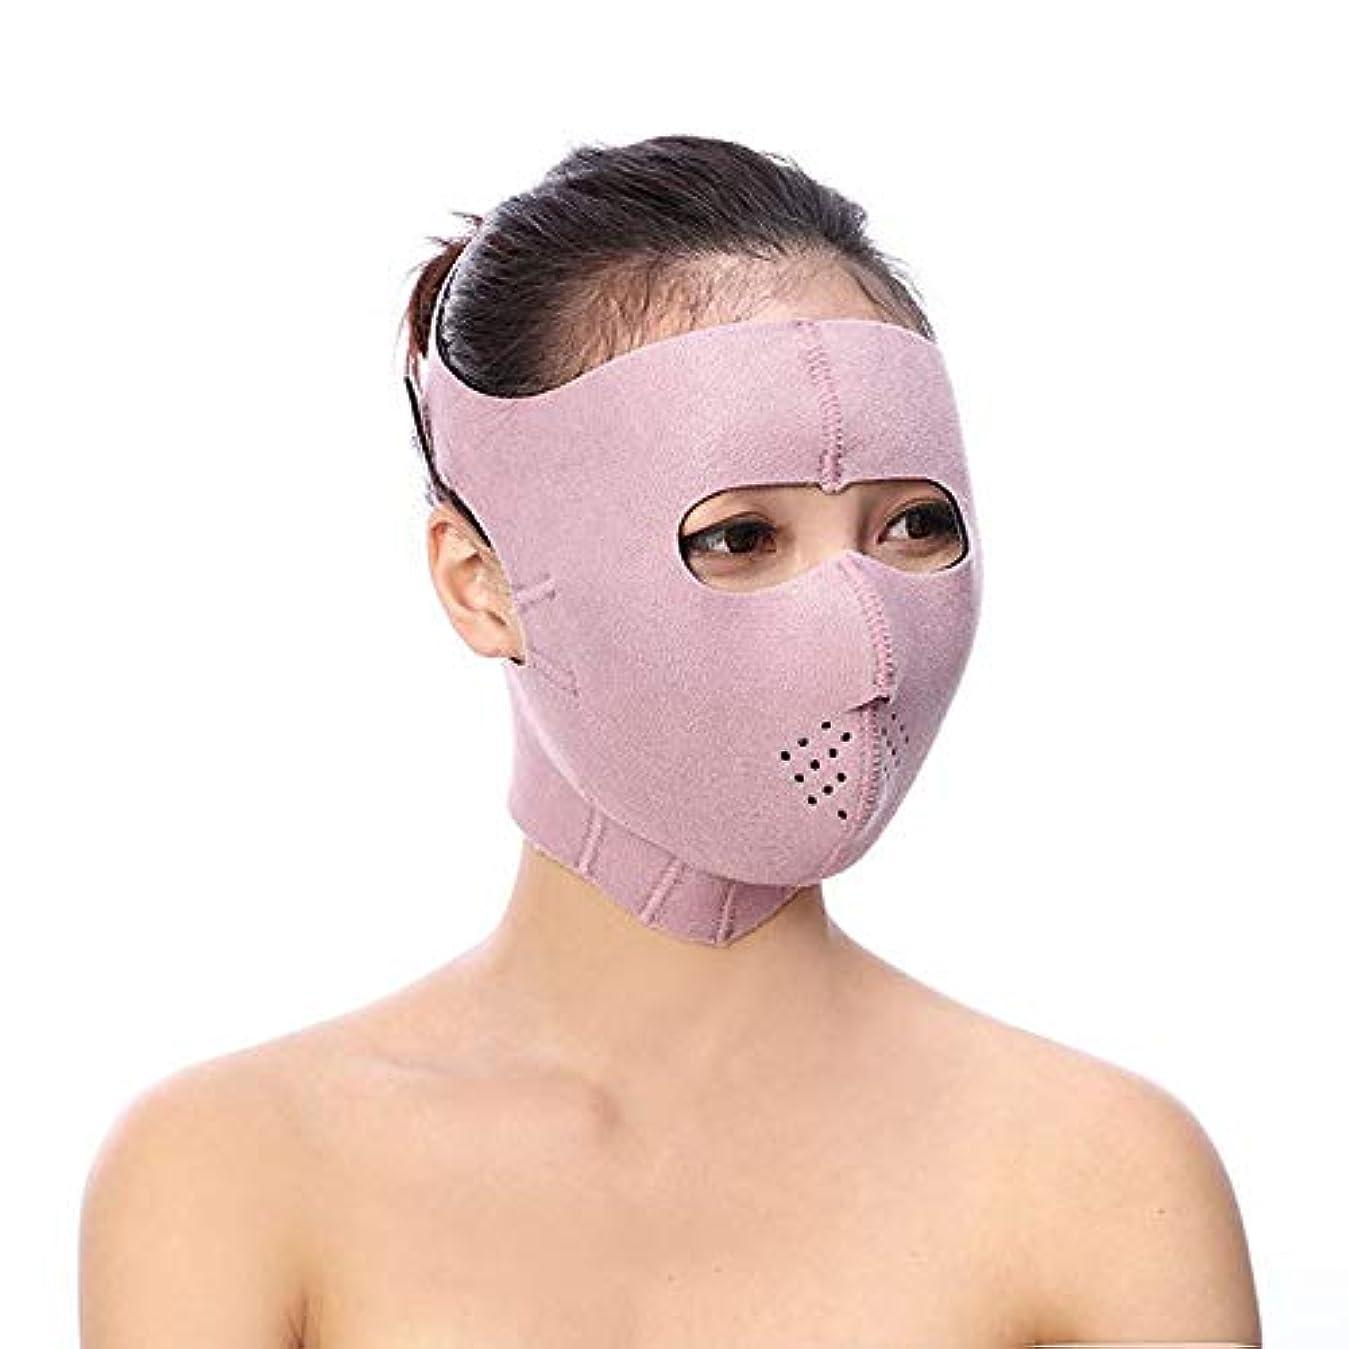 優先権符号ボイラーMinmin フェイシャルリフティング痩身ベルト - Vフェイス包帯マスクフェイシャルマッサージャー無料の薄いフェイス包帯整形マスクを引き締める顔と首の顔スリム みんみんVラインフェイスマスク